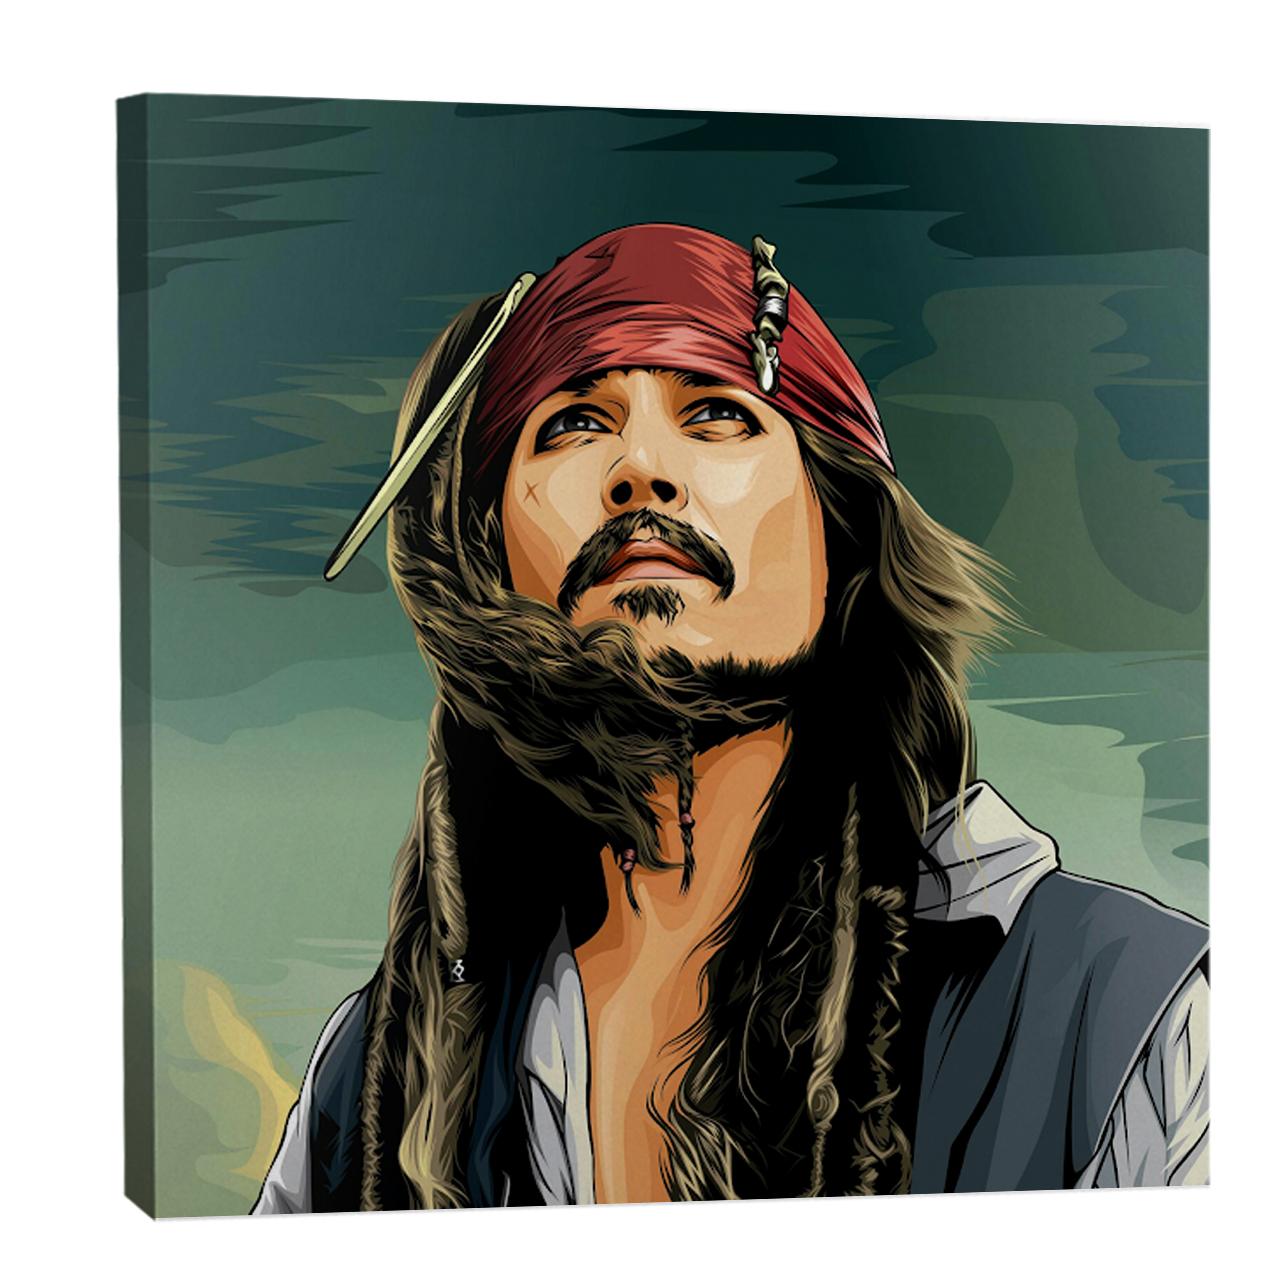 تابلو بوم  فلوریزا  طرح جانی دپ و جک اسپرو در دزدان دریایی کاراییب کد JOHNNY DEPP 001